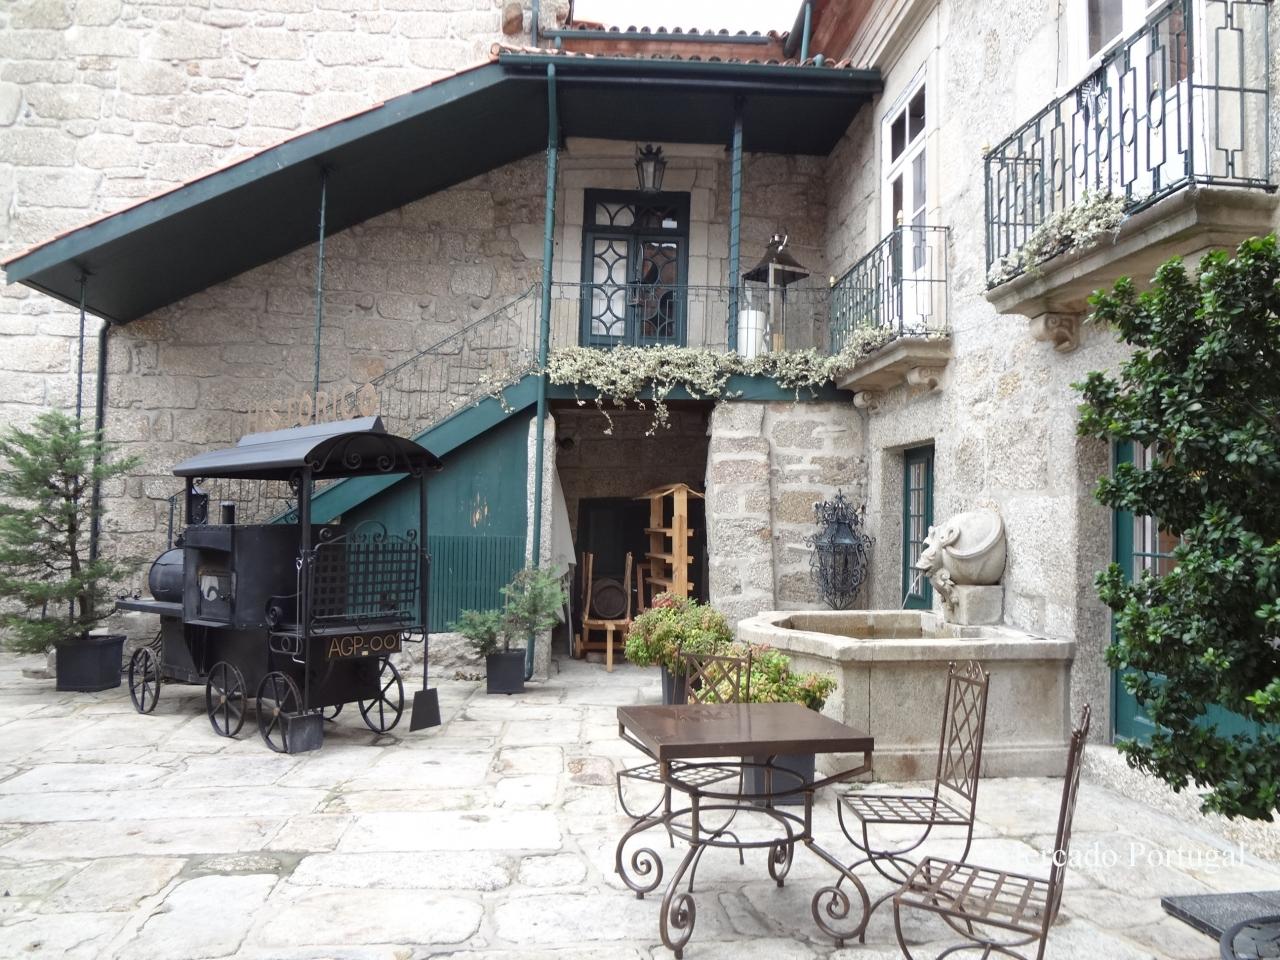 街中のレストラン。入口もとても落ち着いた雰囲気。